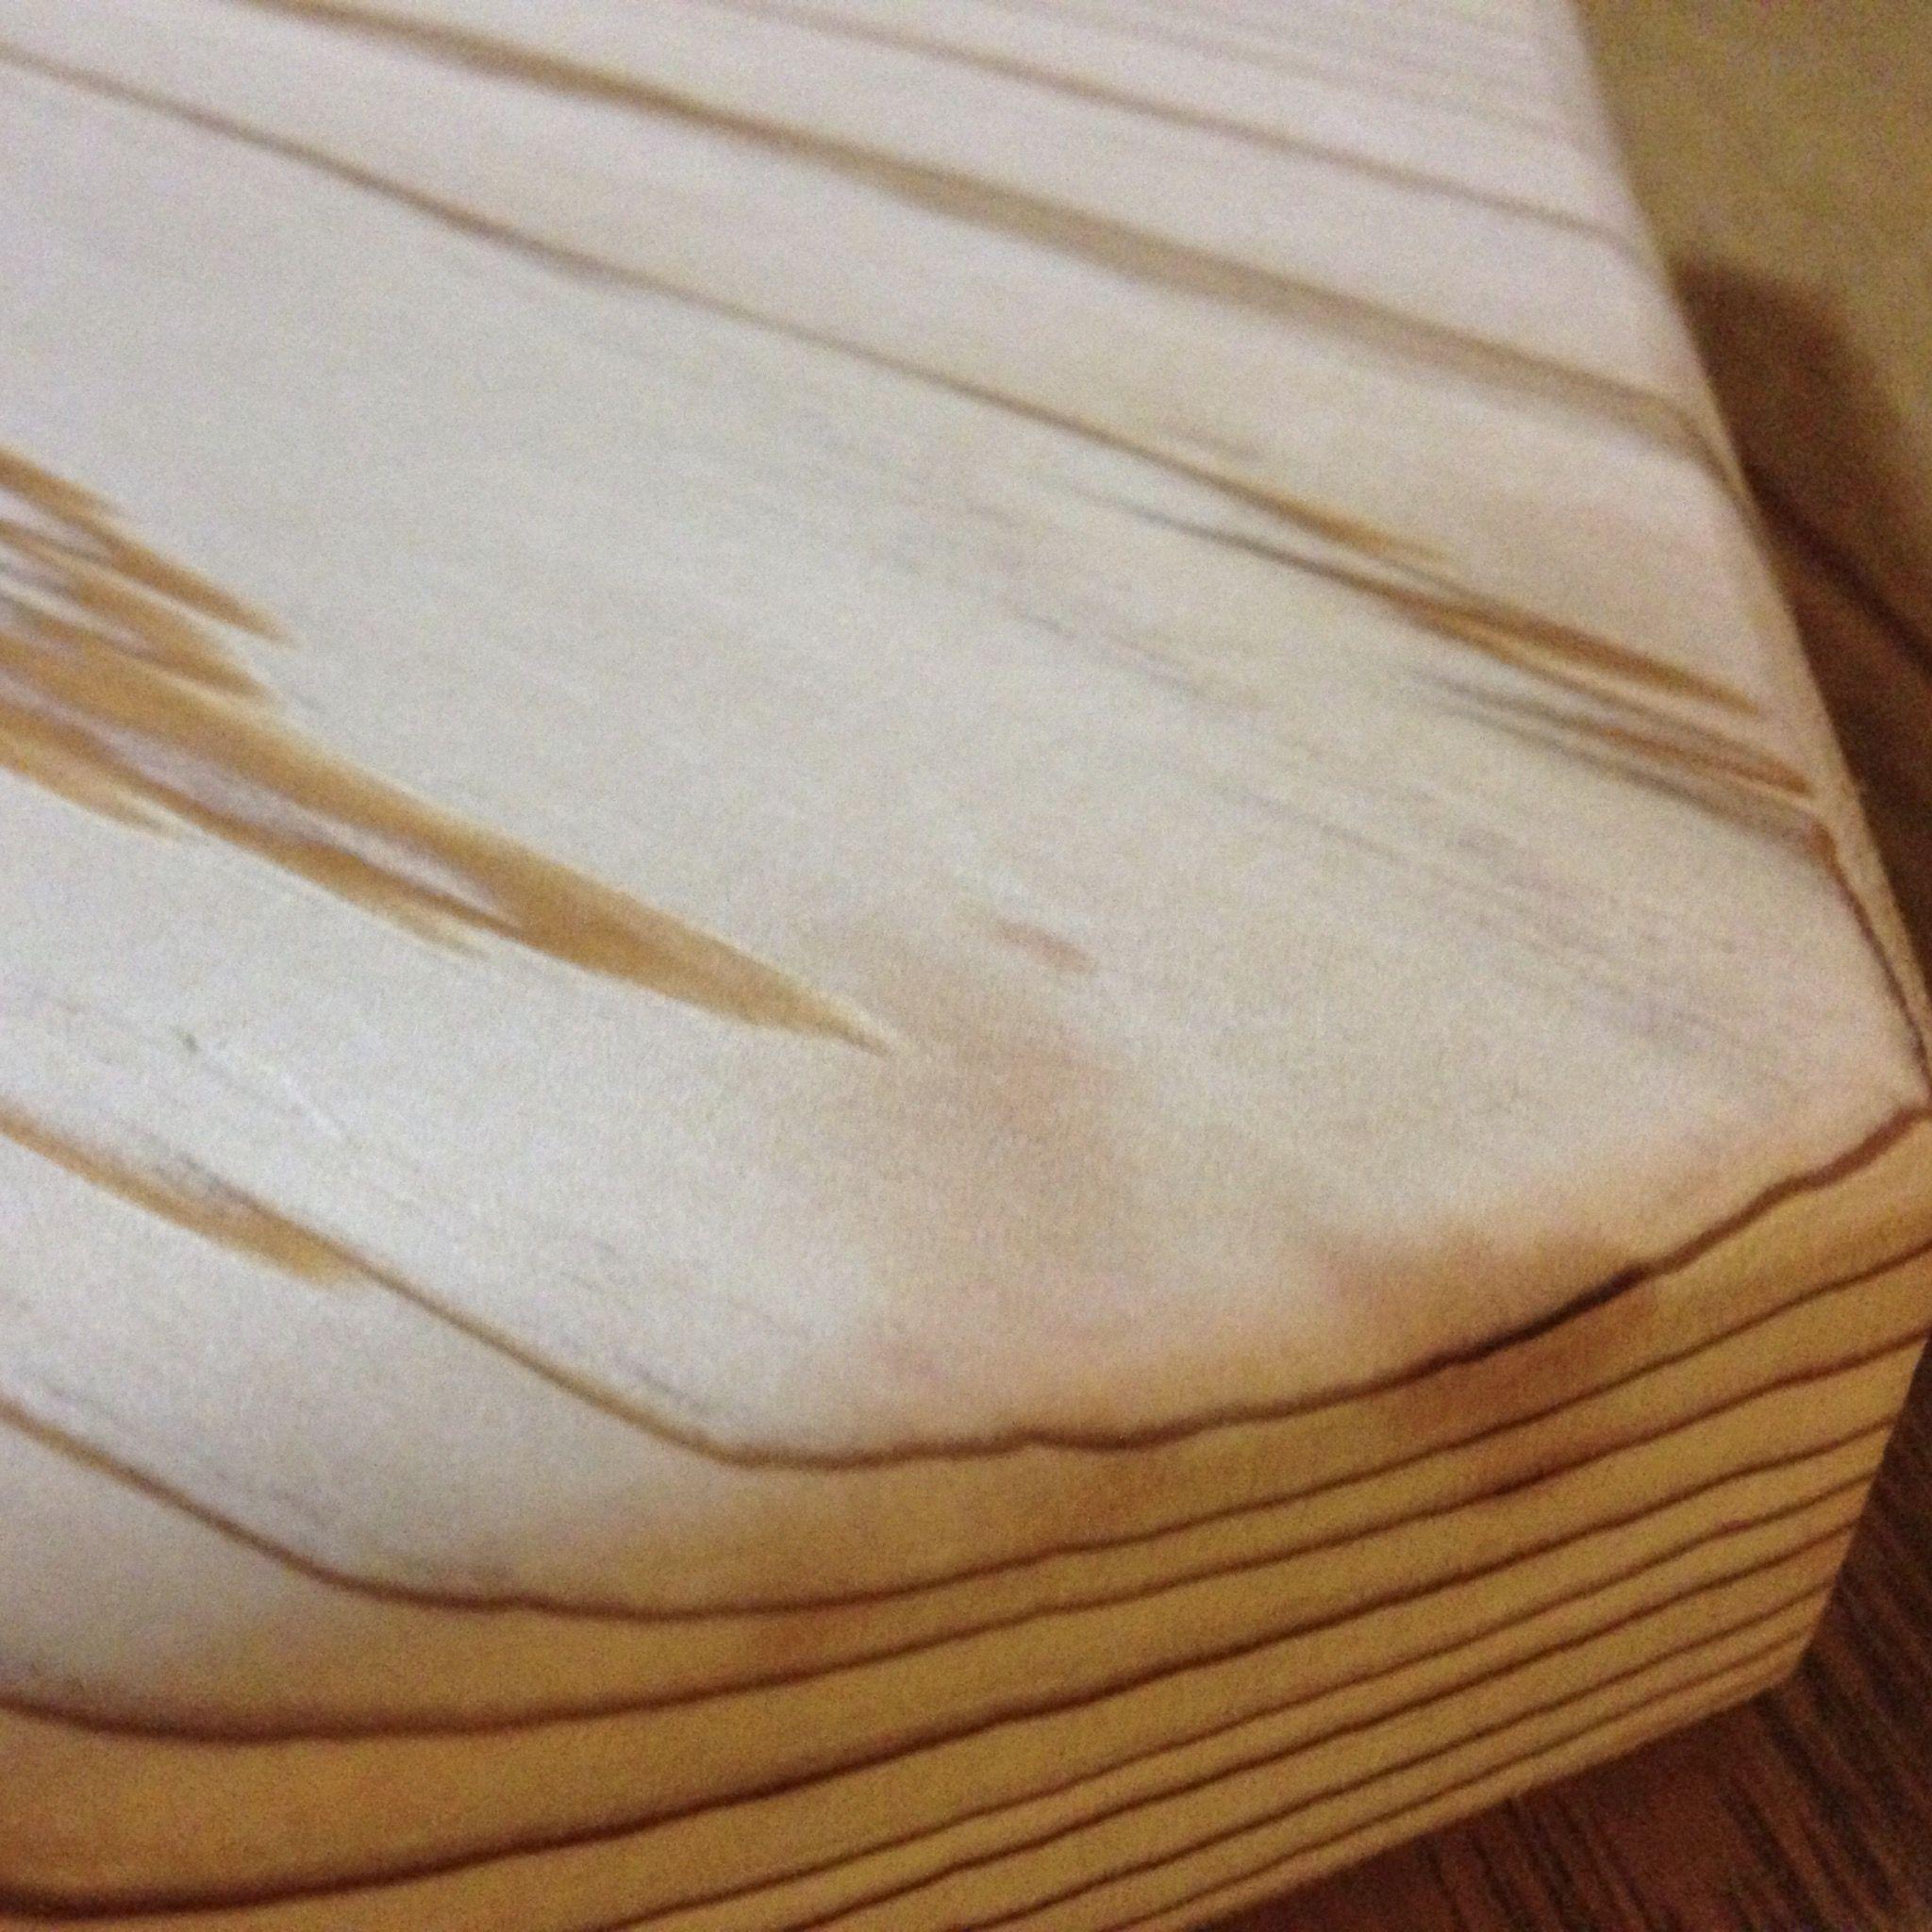 お酢で拭いて黒ずみがとれた無垢杉材の六角太郎